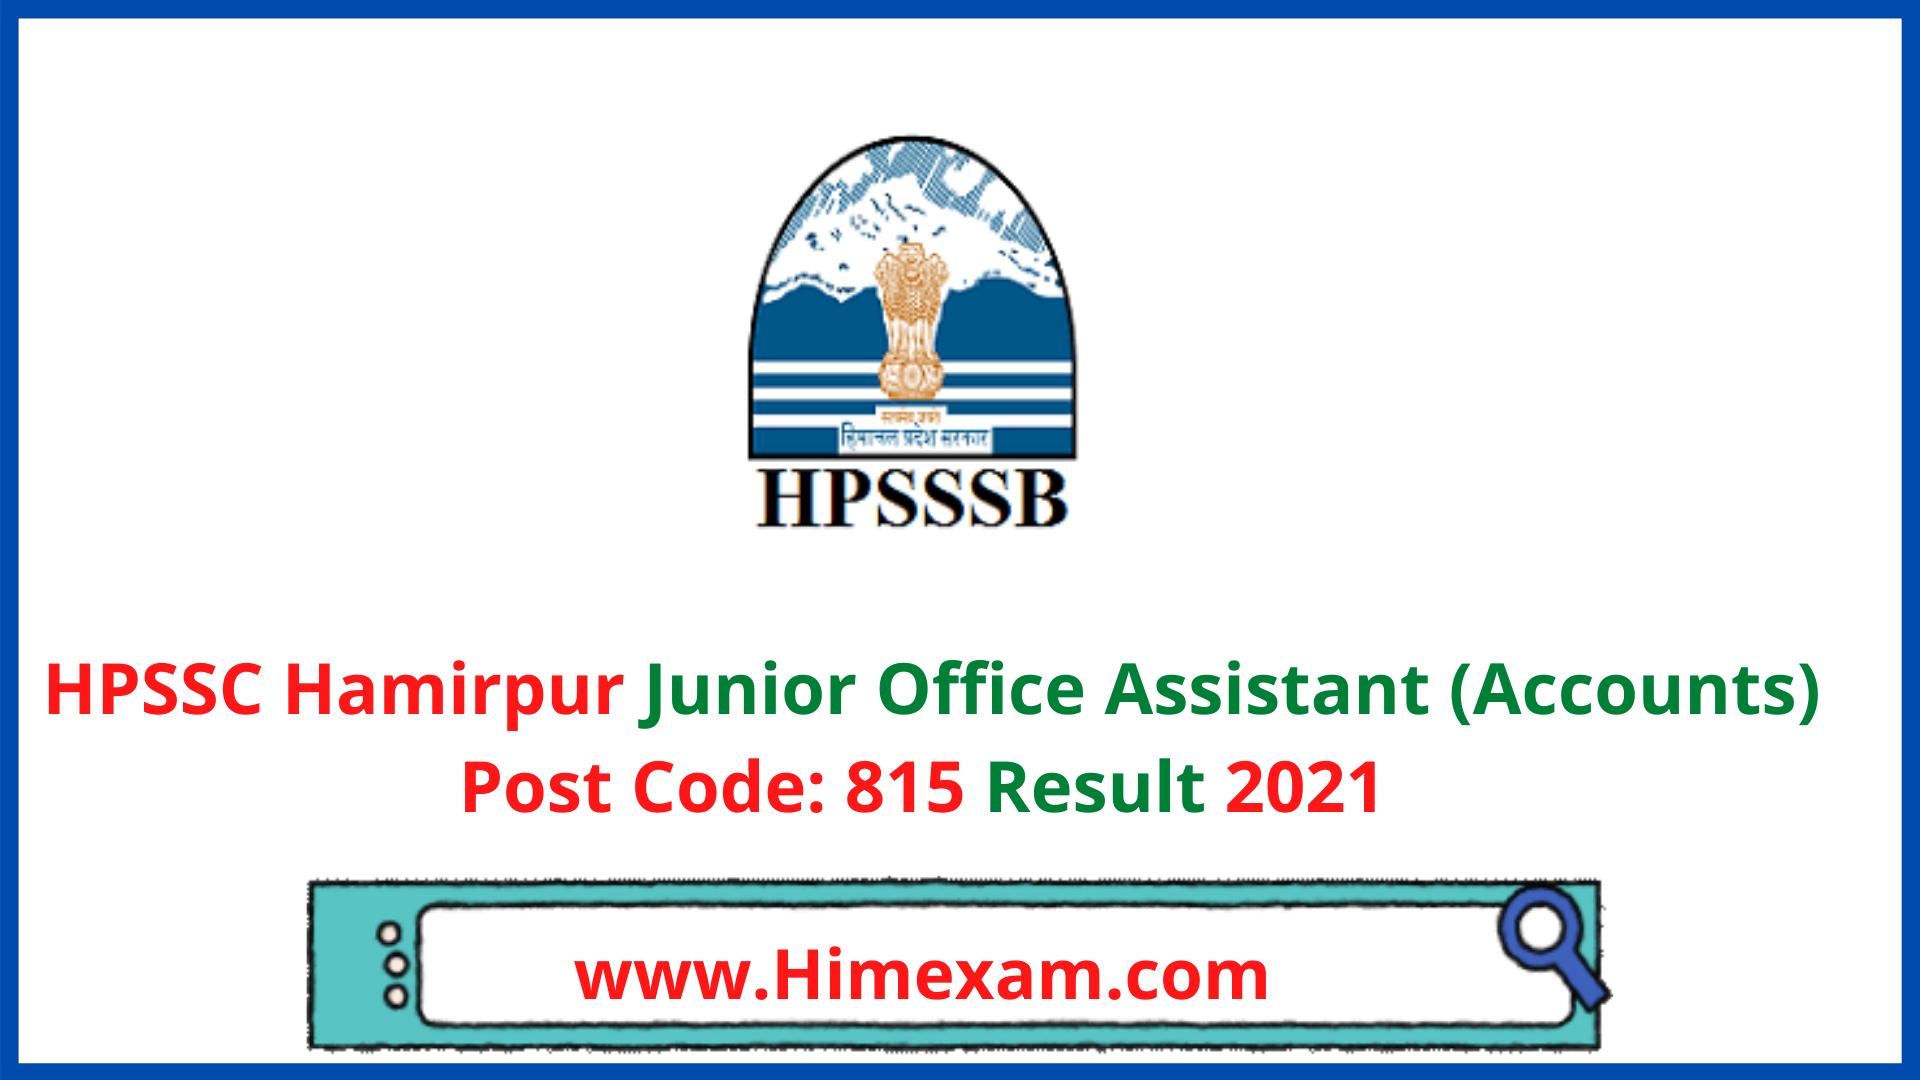 HPSSC Hamirpur Junior Office Assistant (Accounts)  Post Code: 815 Result 2021